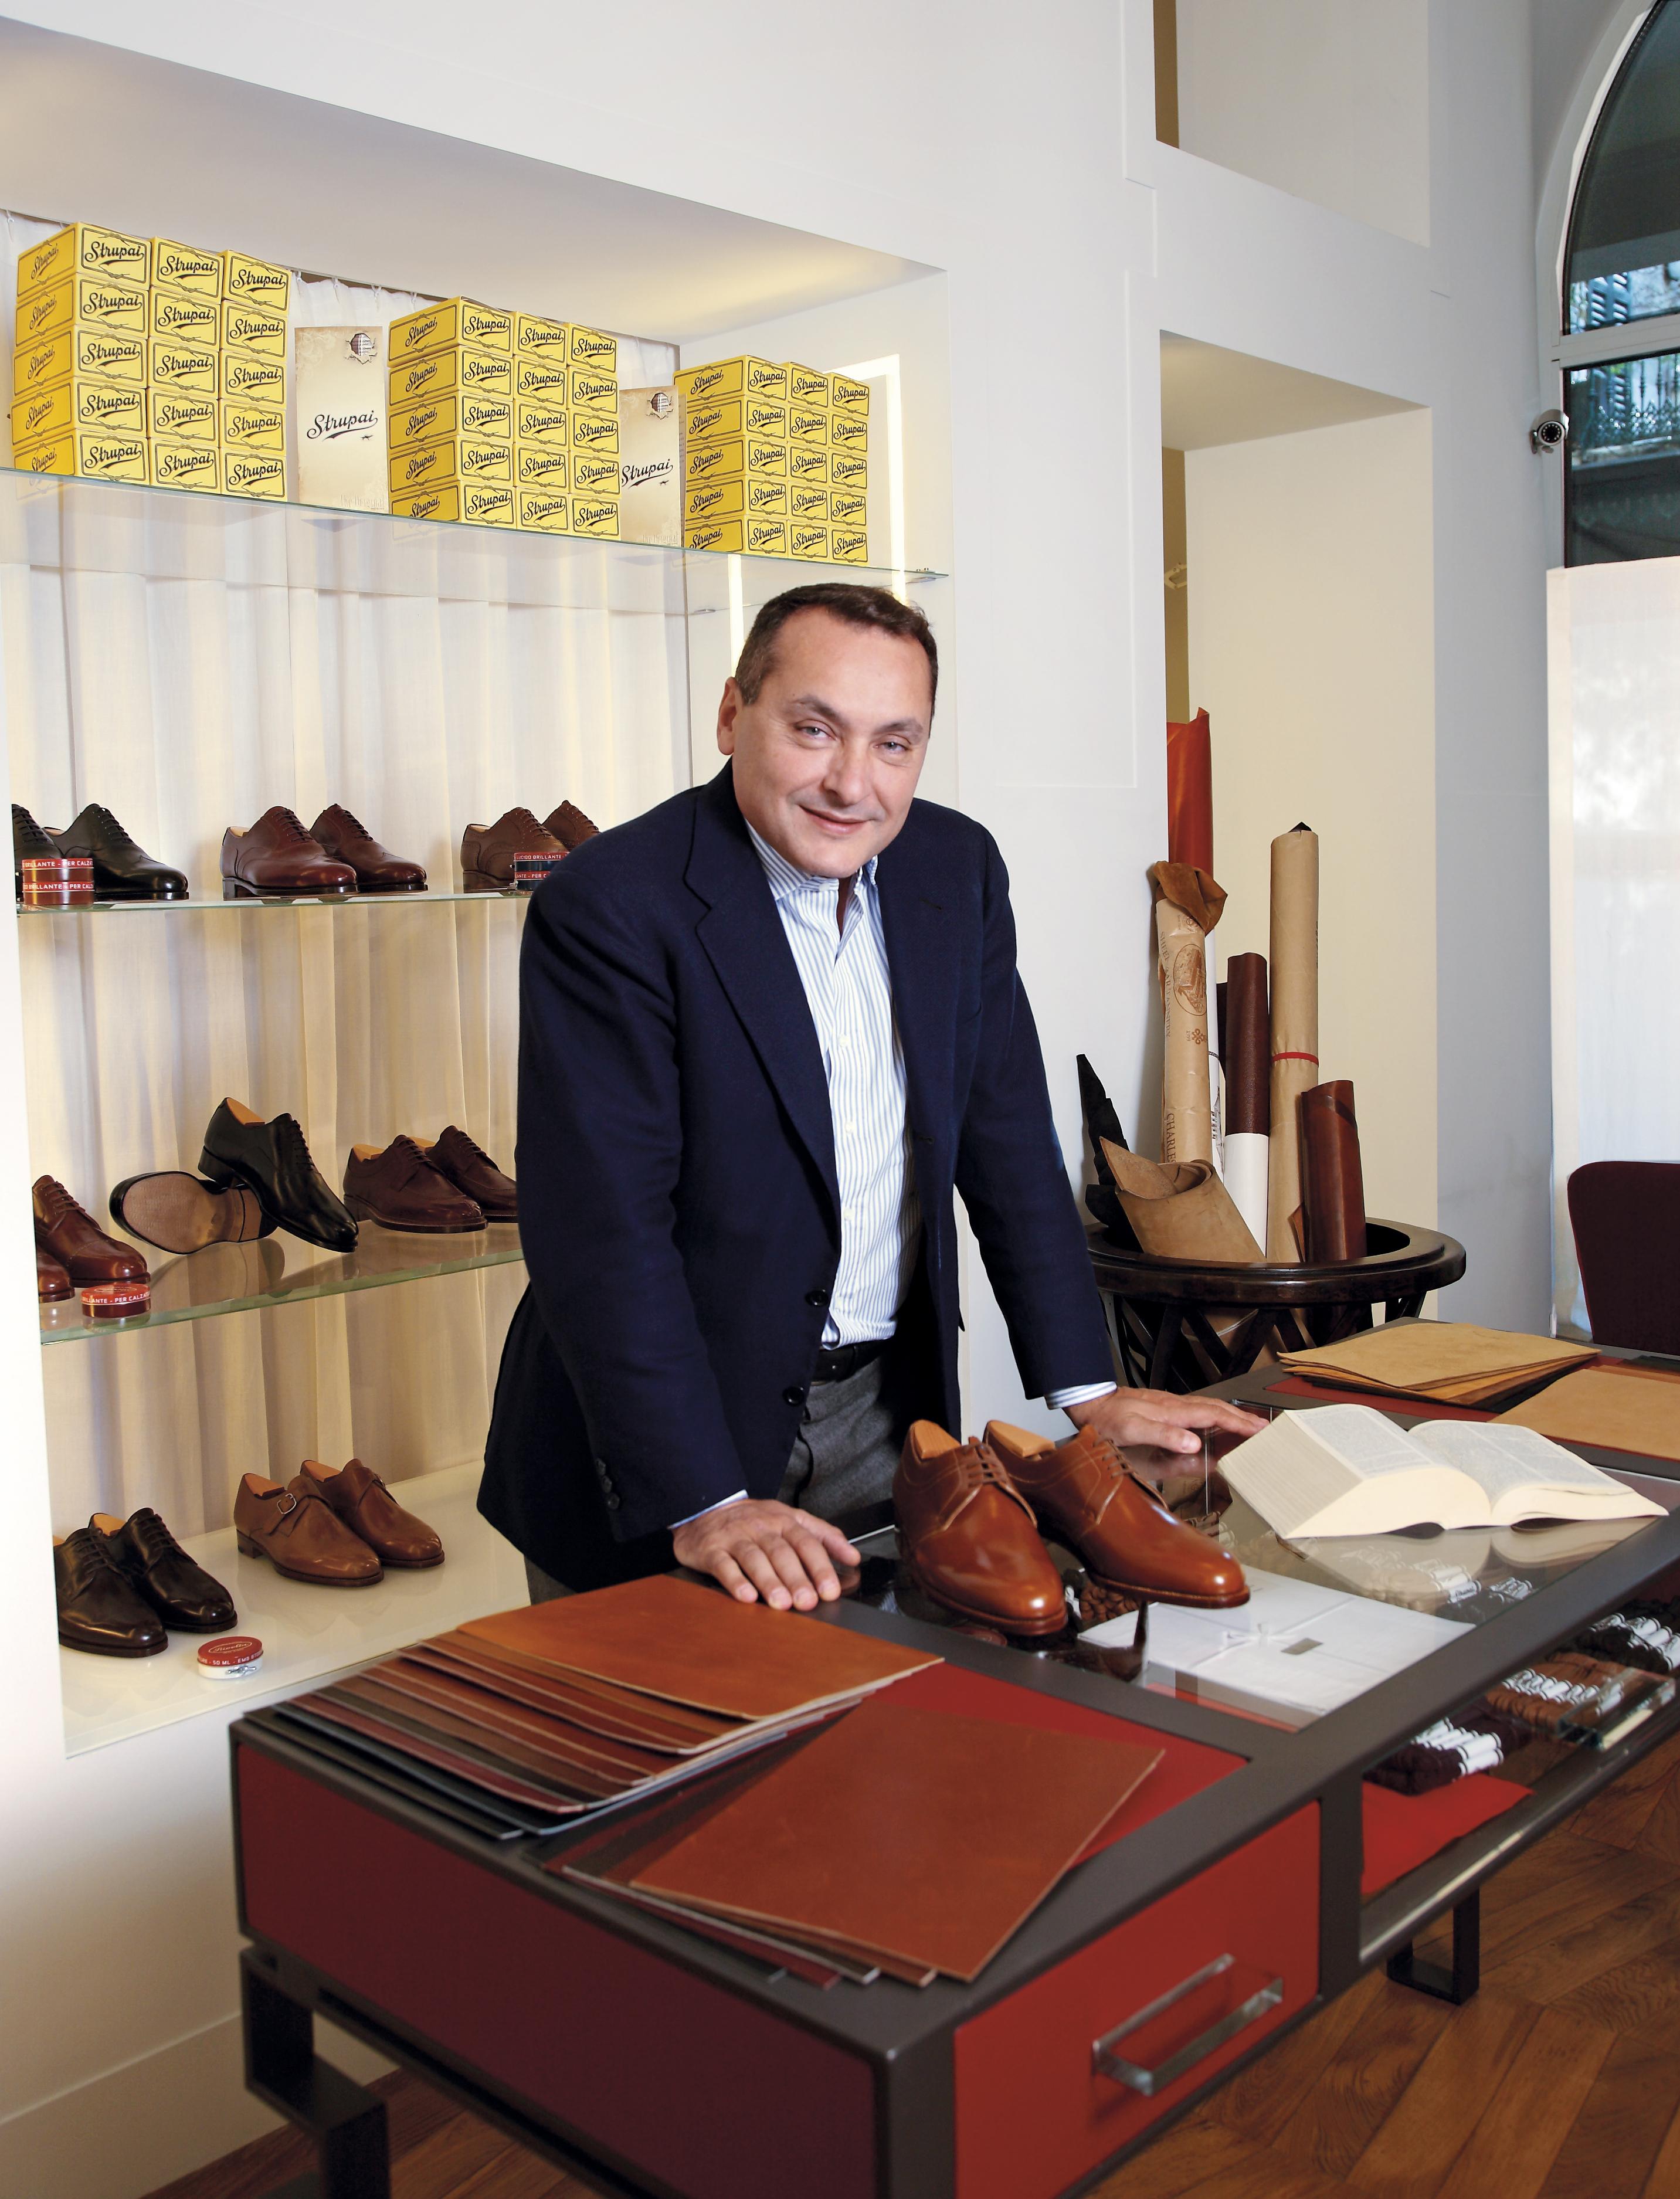 Ante Su Misura Milano.Scarpe Su Misura Da Oggi Online Grazie Allo Scanner Your Shoe Fit